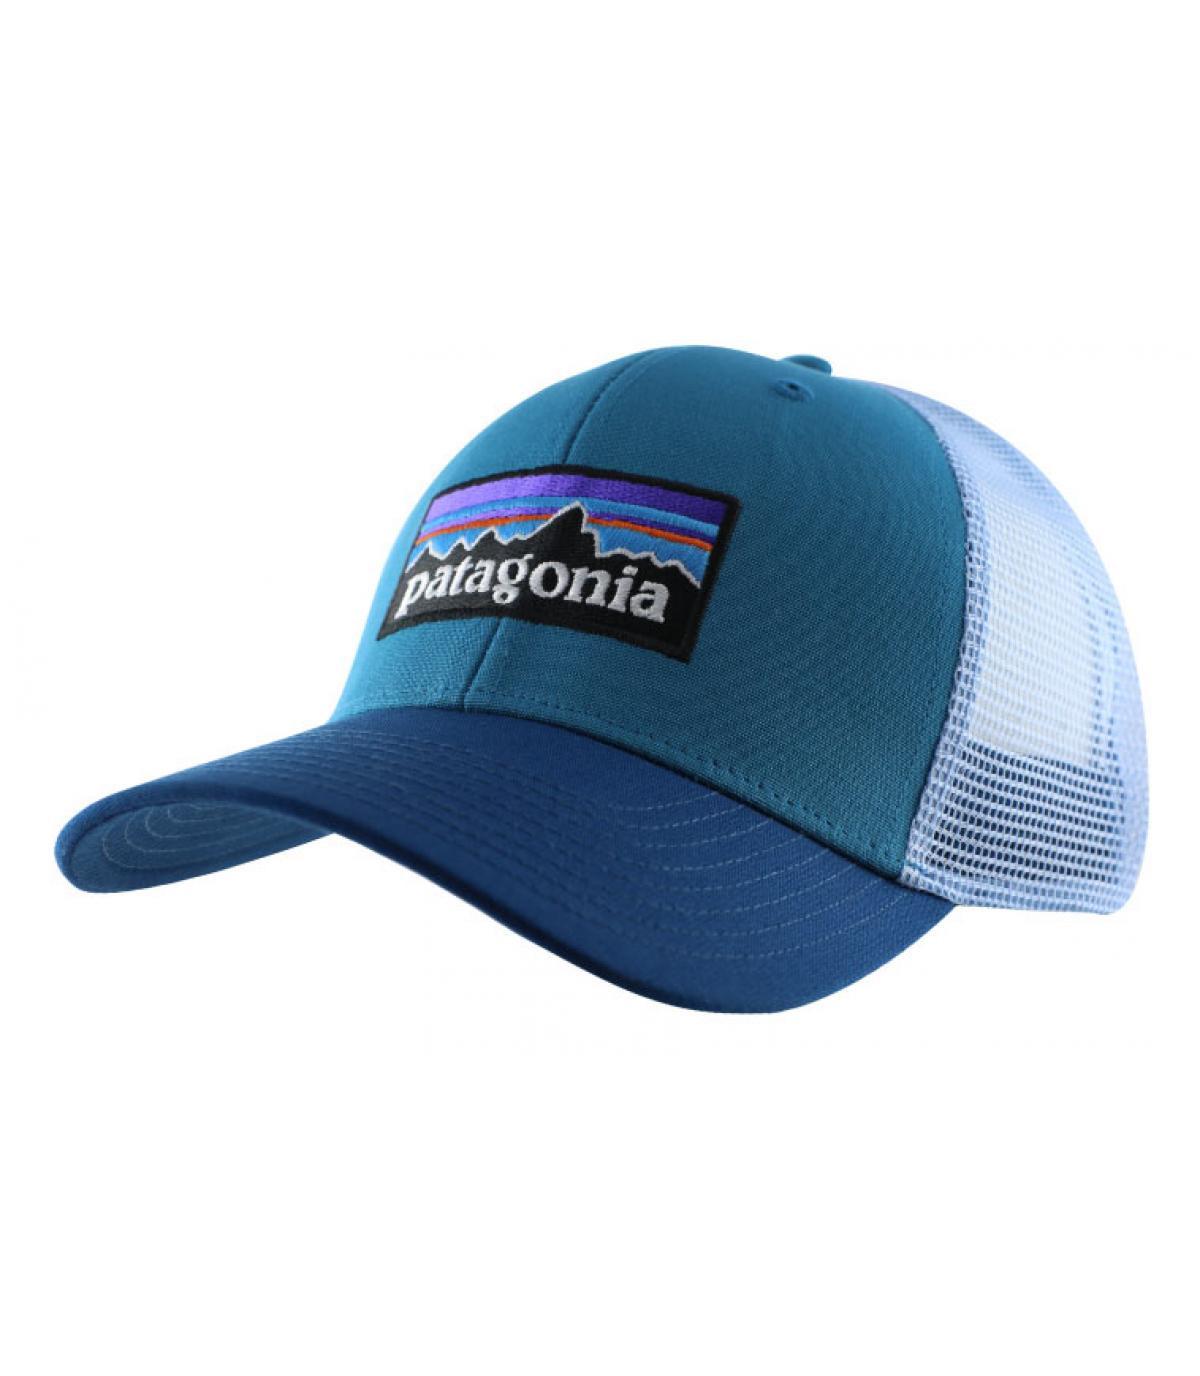 Dettagli P6 Logo Trucker filter blue - image 2